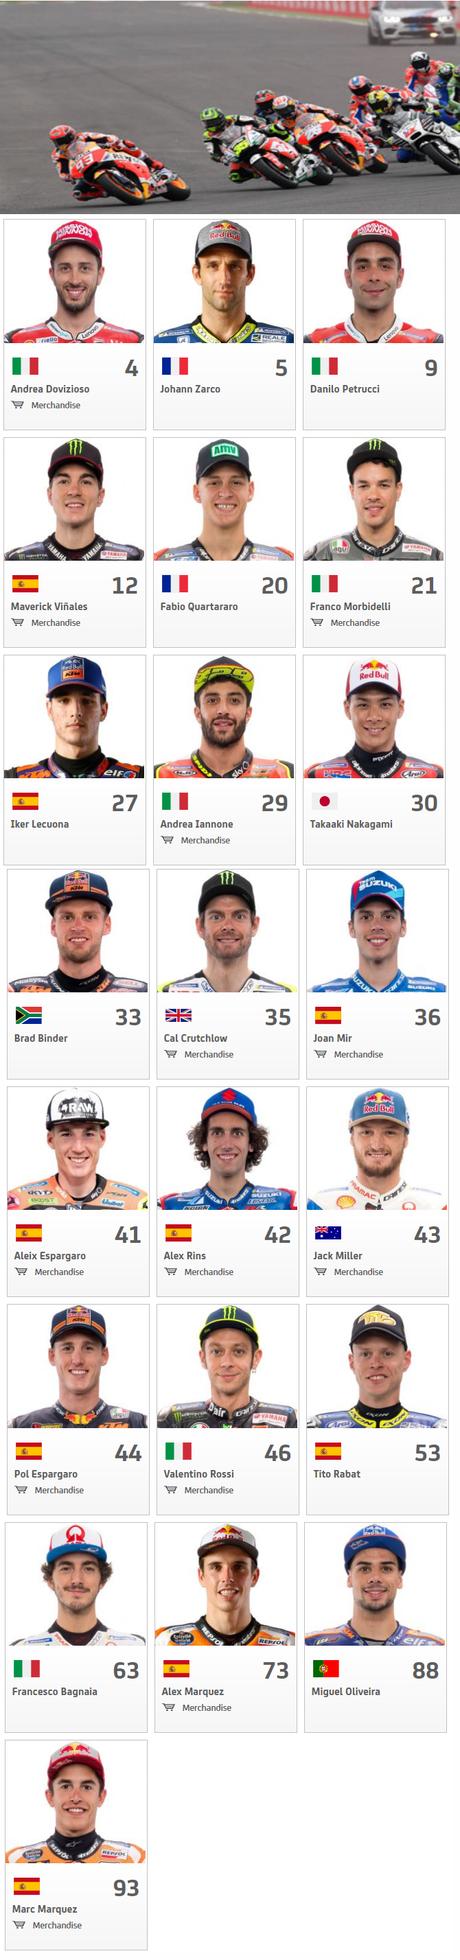 MotoGP 2020 la parrilla completa de pilotos en un mercado bastante movido hasta último momento.